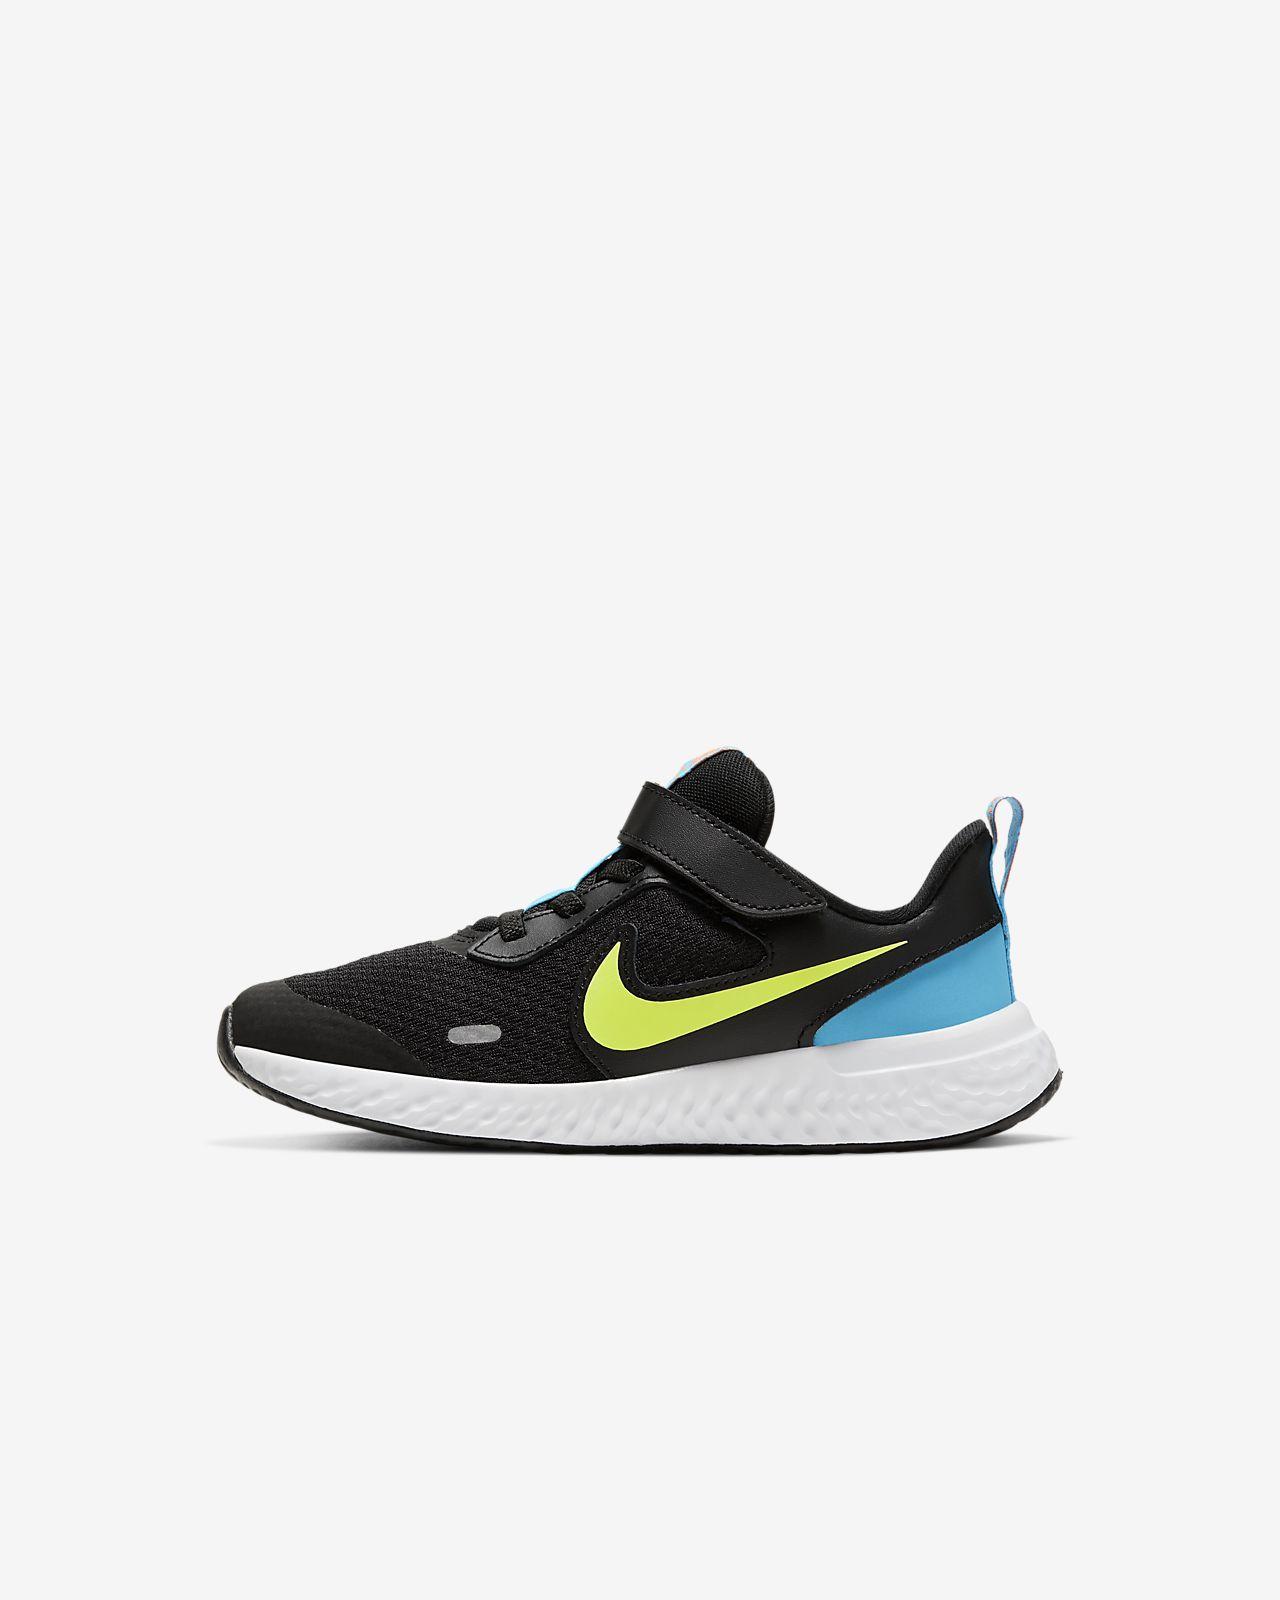 Παπούτσι Nike Revolution 5 για μικρά παιδιά